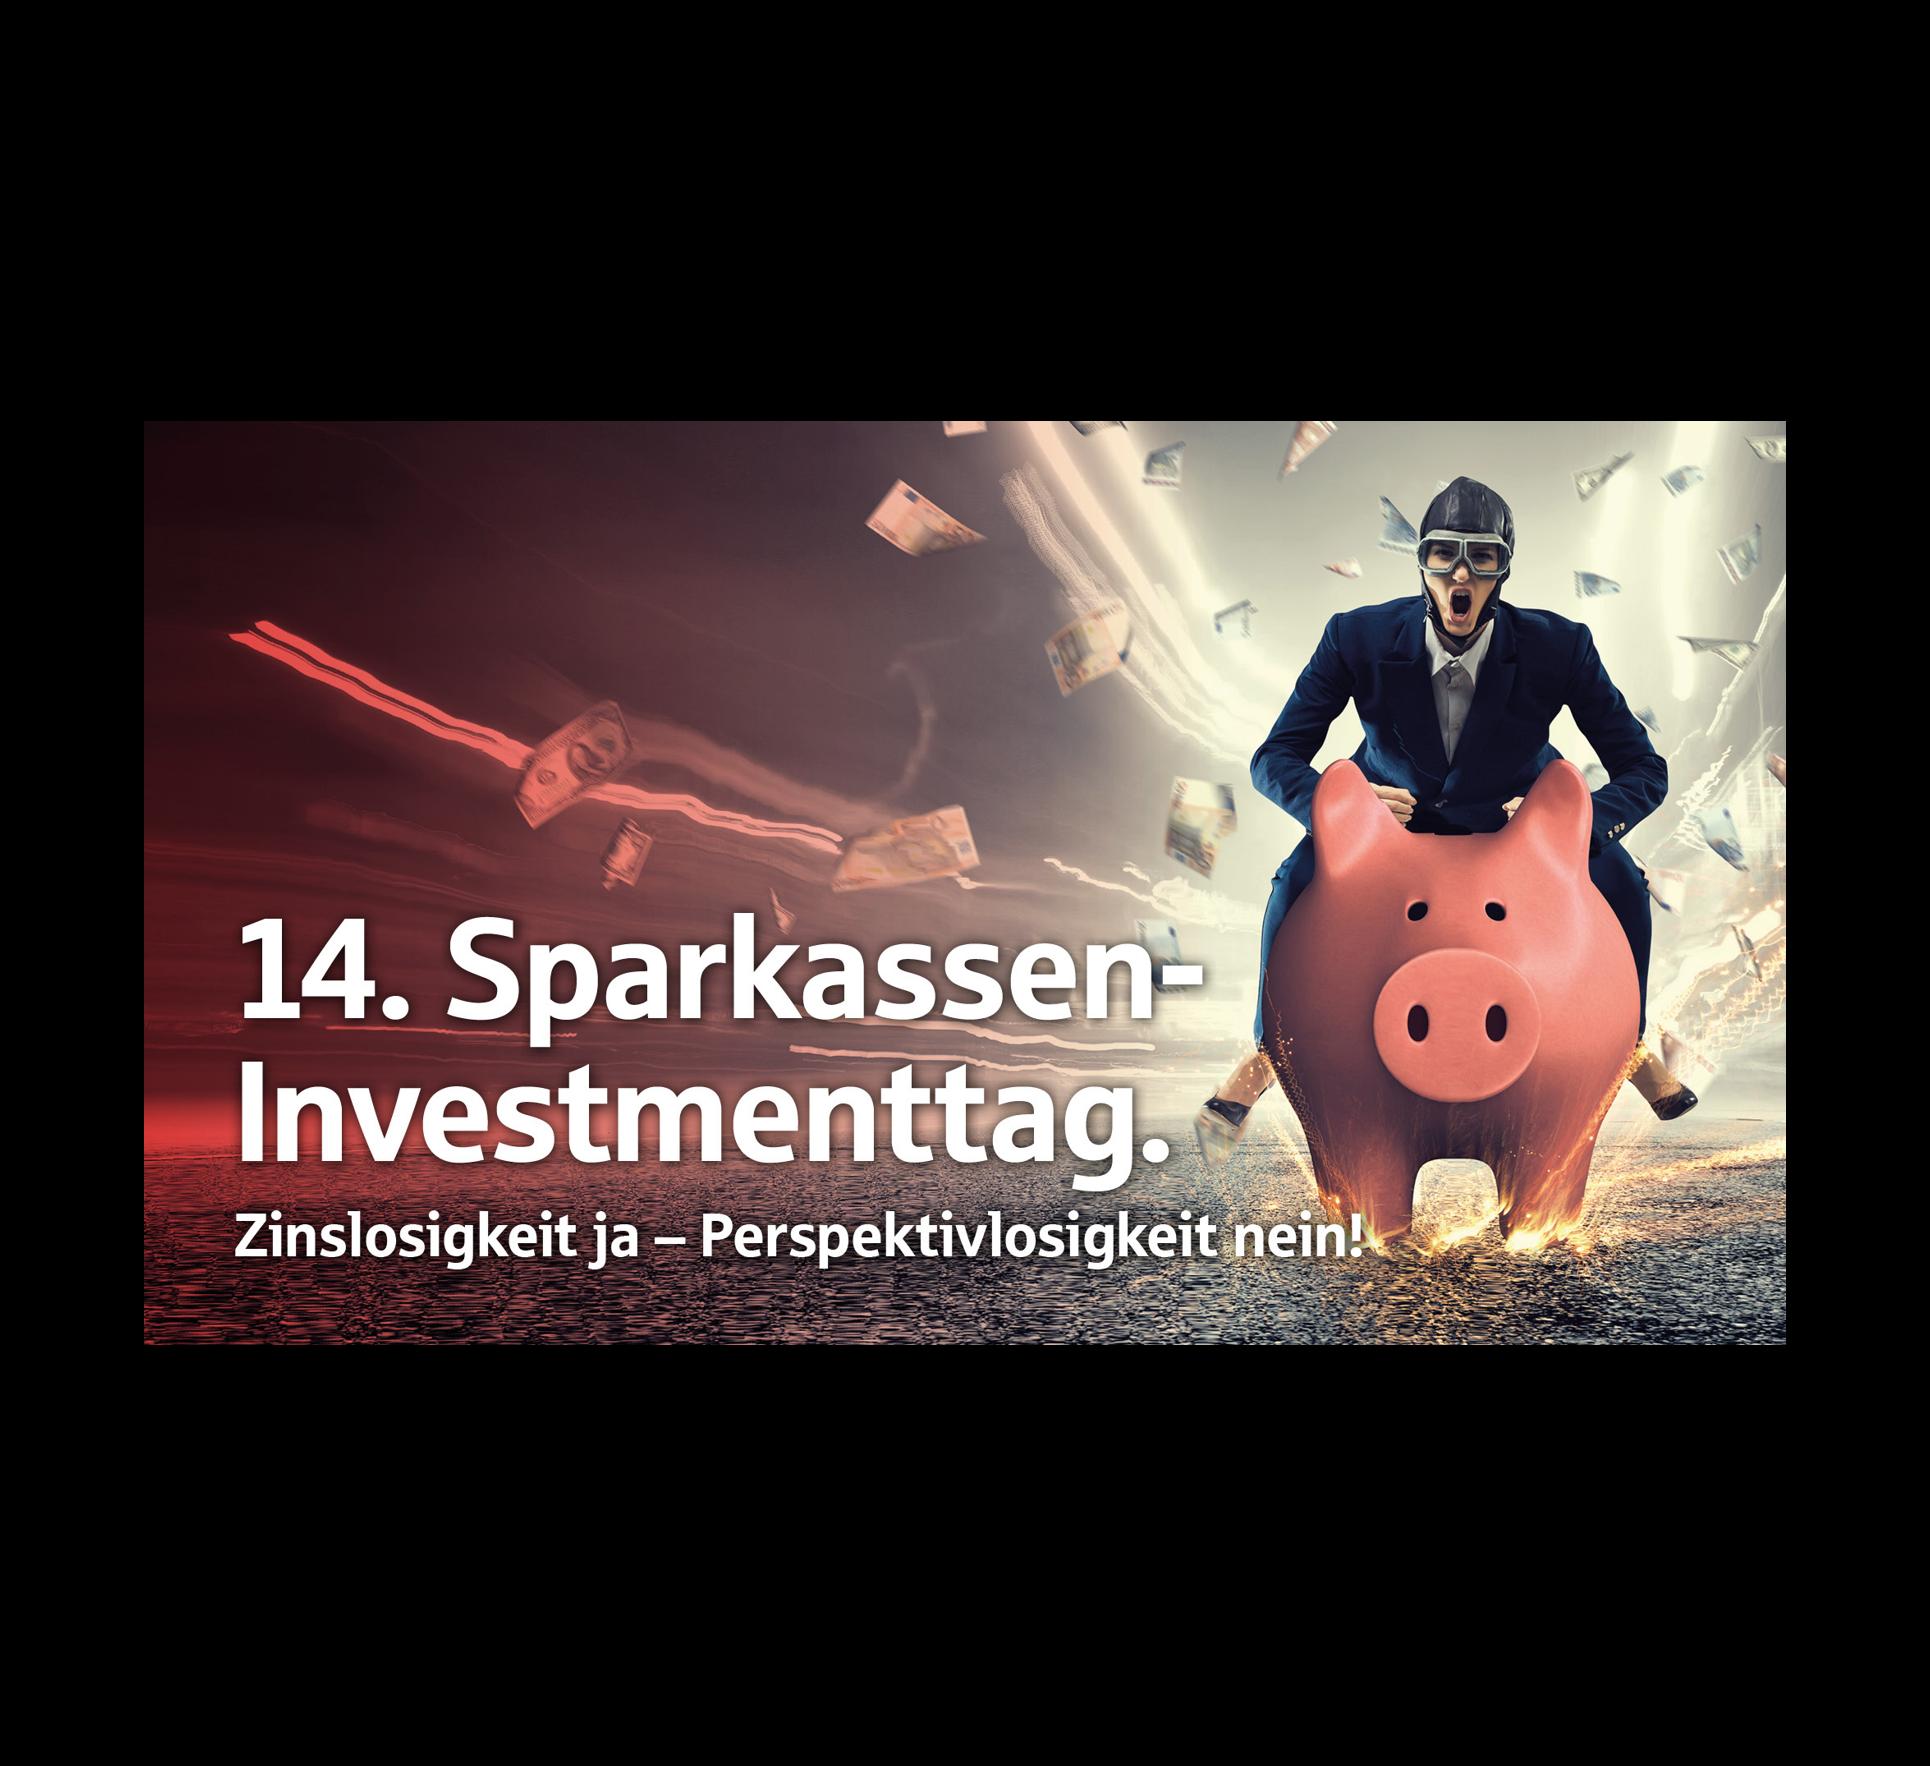 """14. Sparkassen-Investmenttag: """"Zinslosigkeit ja - Perspektivlosigkeit nein!"""""""